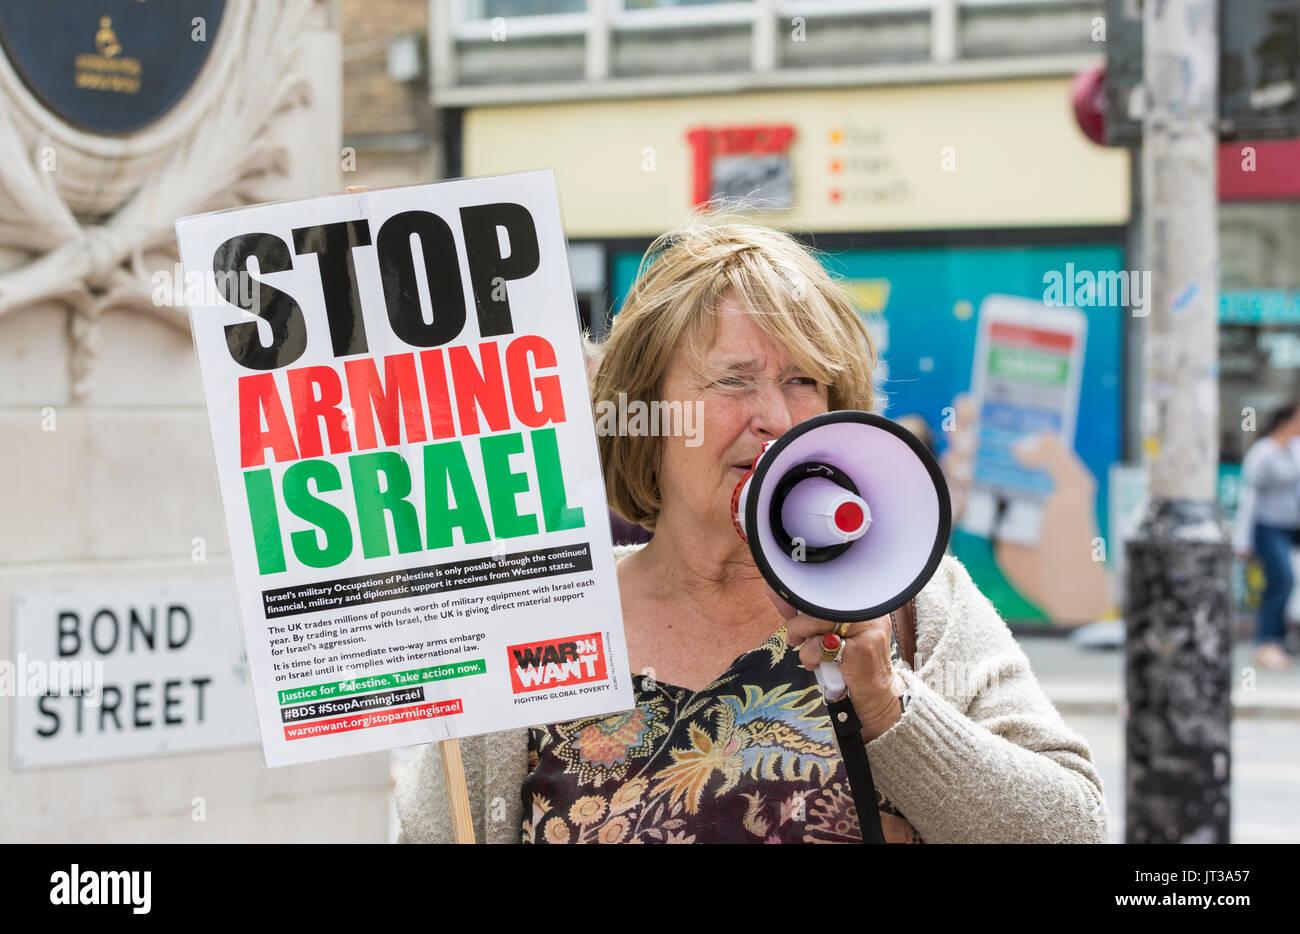 Mujer protestando contra el HSBC supuestamente por ayudar a financiar armas a Israel. Imagen De Stock